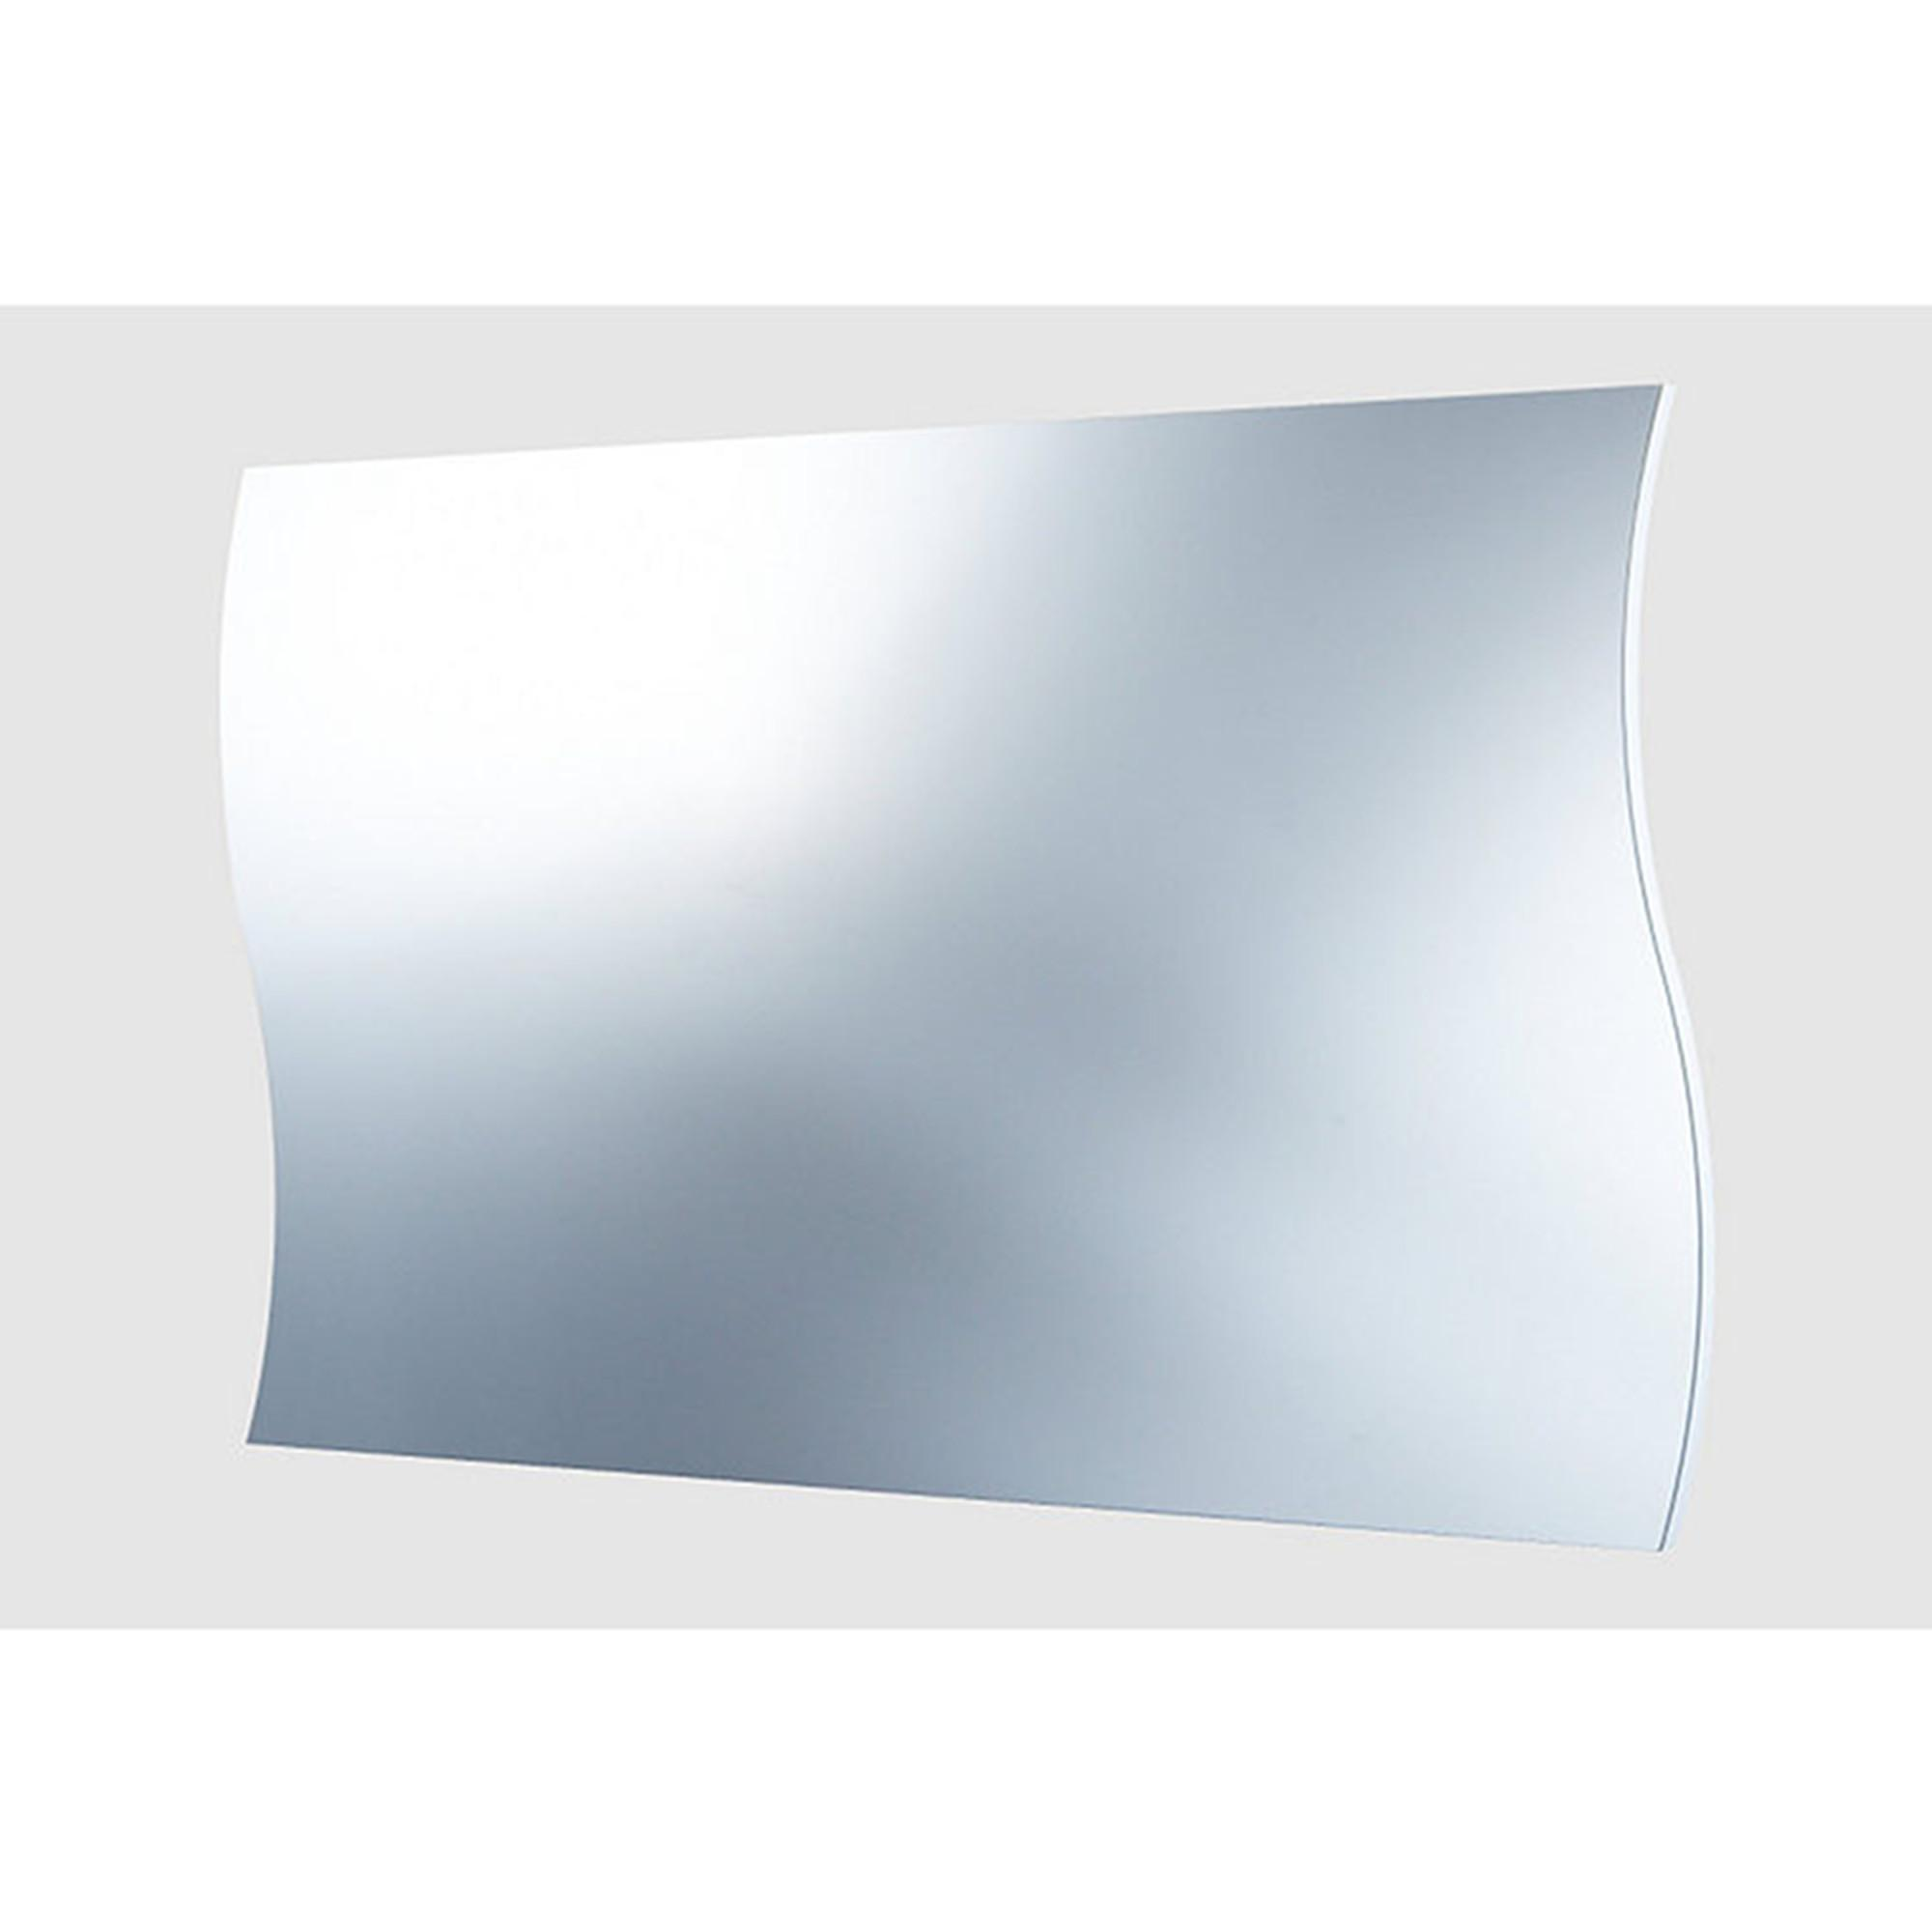 Specchio da muro onda 101x2x60cm bordo bianco tecnos - Specchi da muro ikea ...